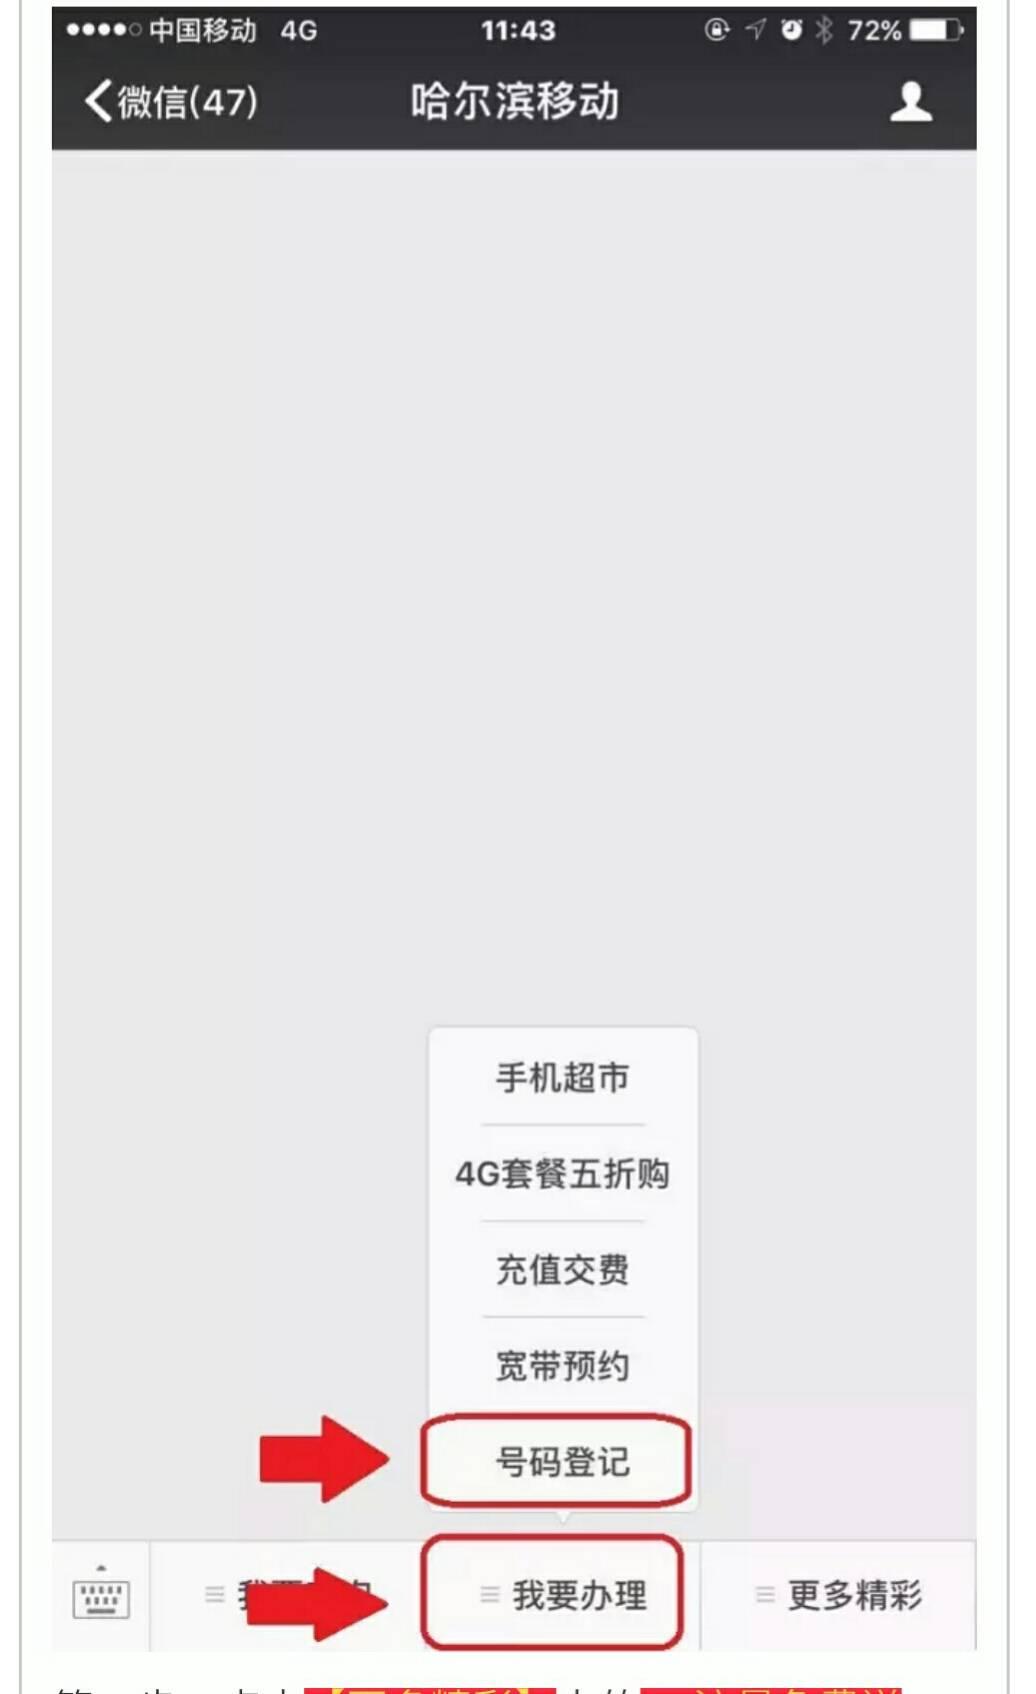 哈尔滨移动:1G流量免费送!送你!送你!就送你!(1).jpg